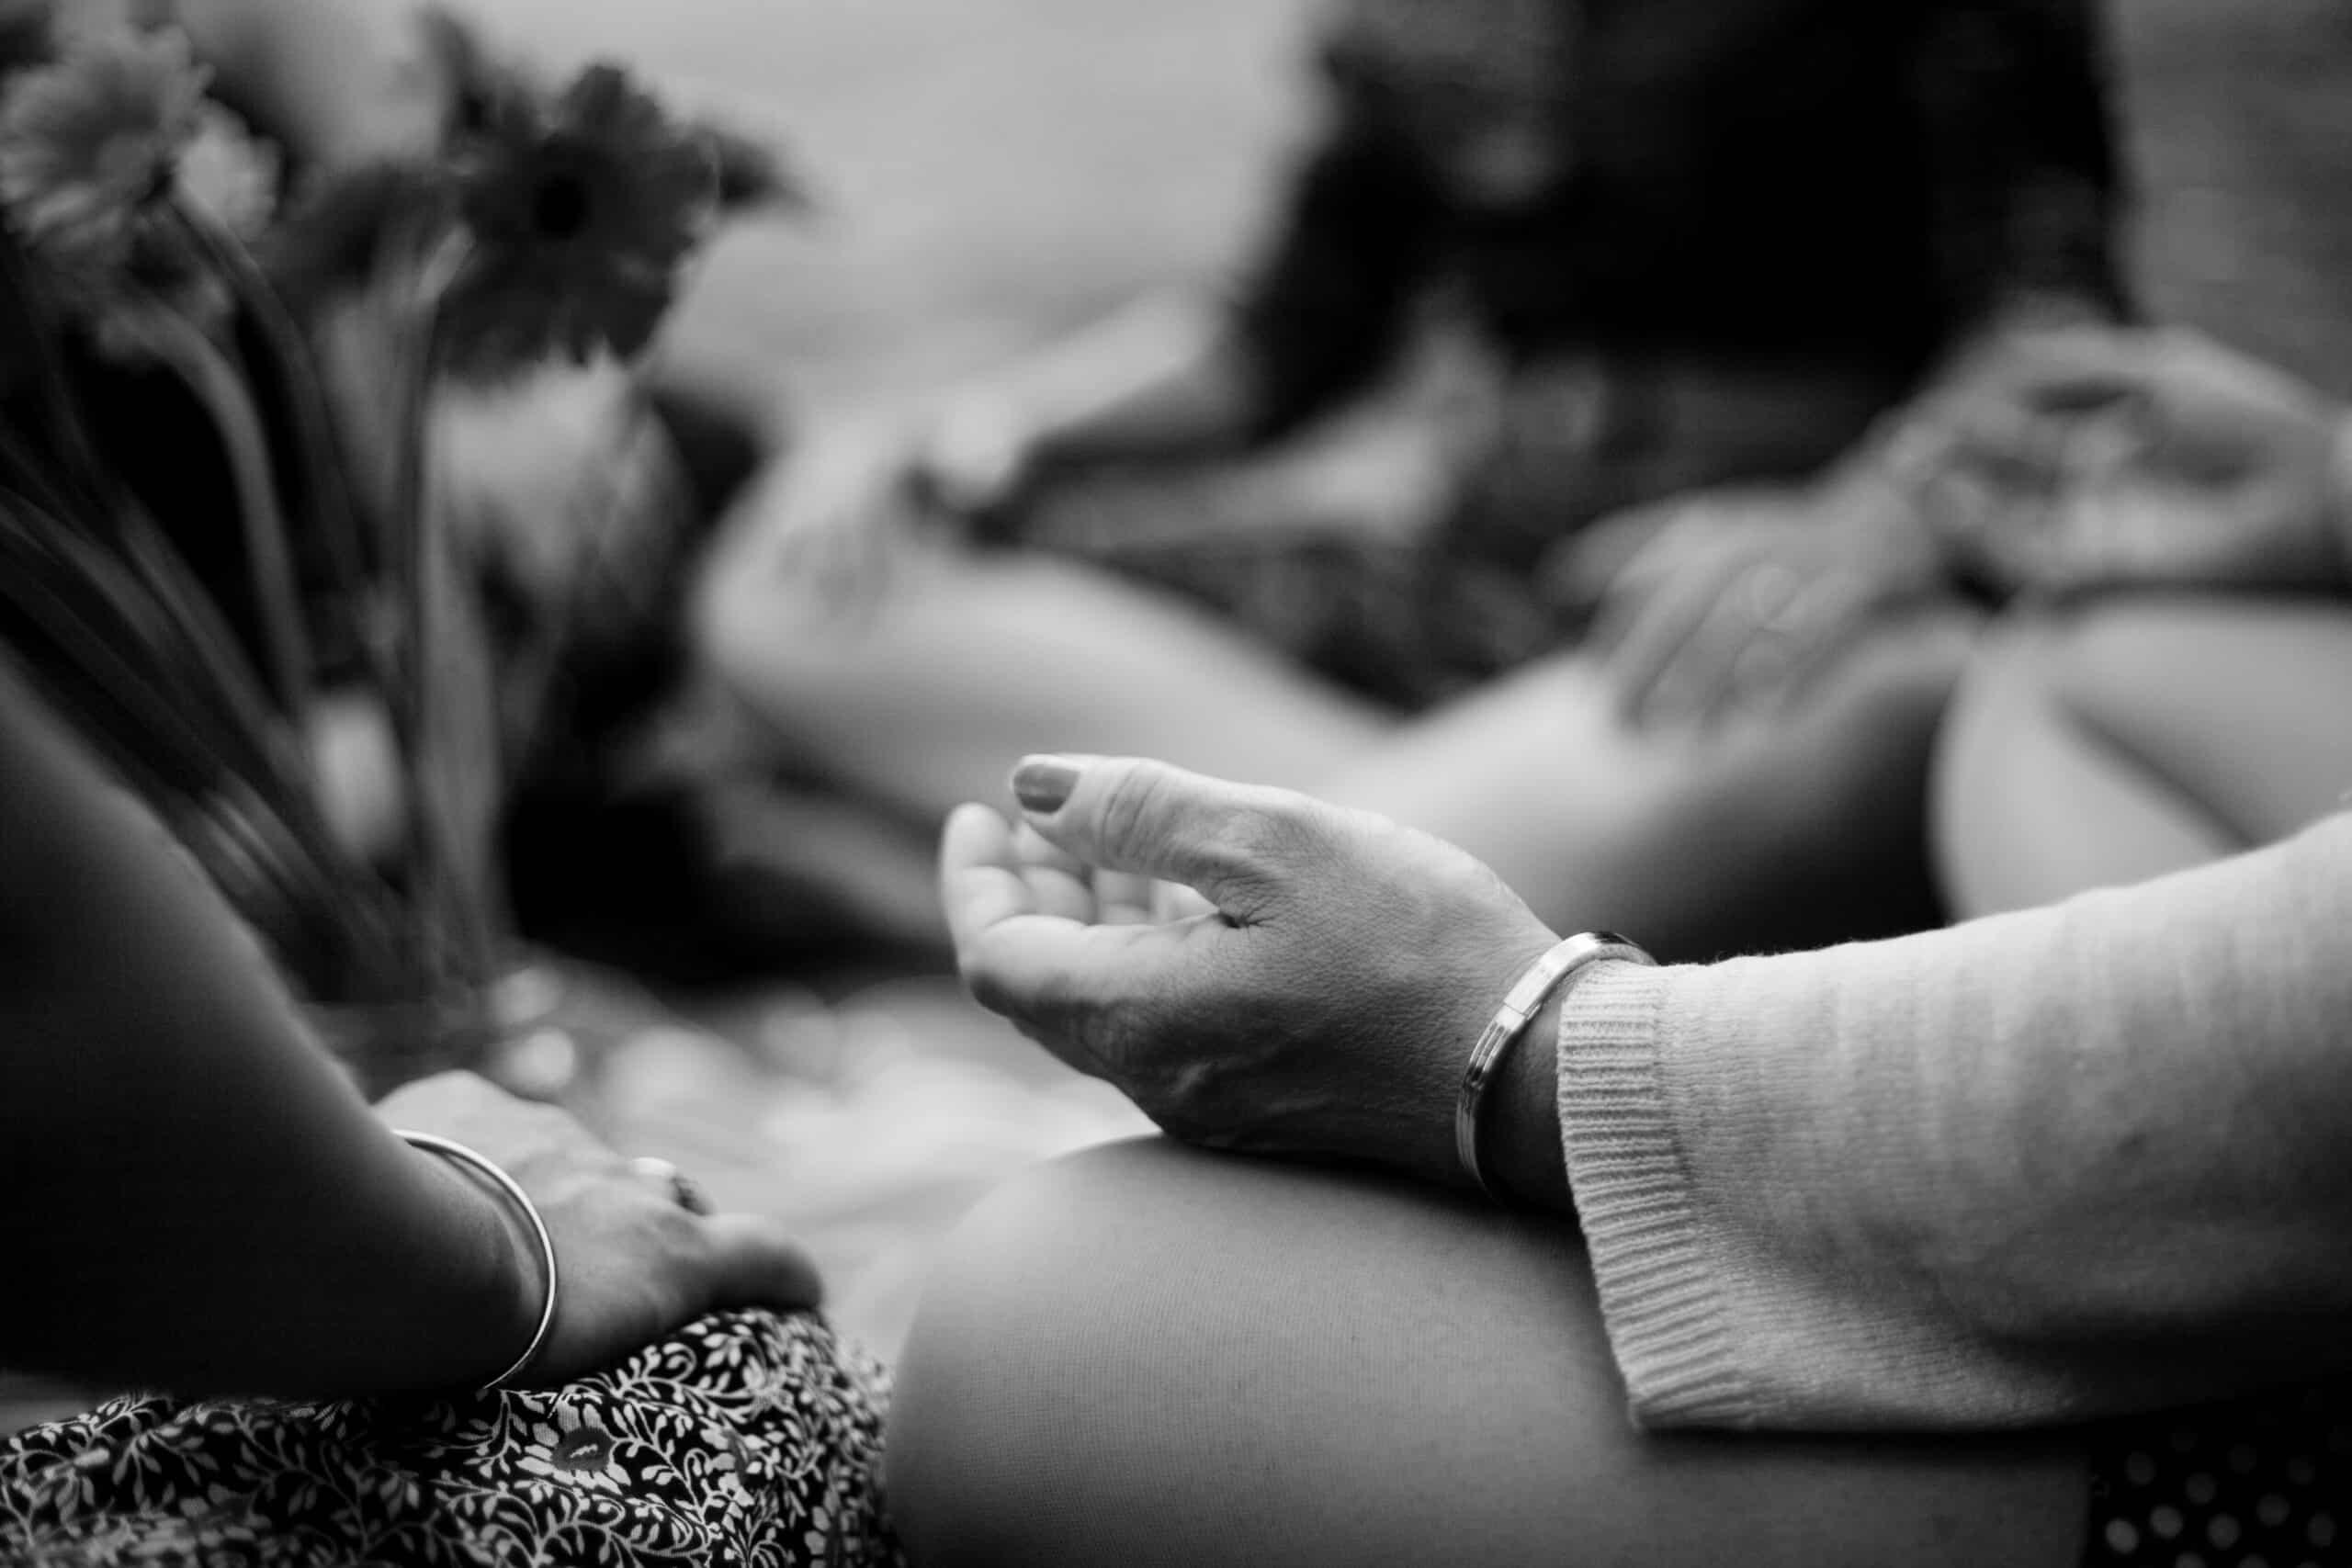 Vrouwelijke intuïtie, hoe kun je deze kracht ontwikkelen?